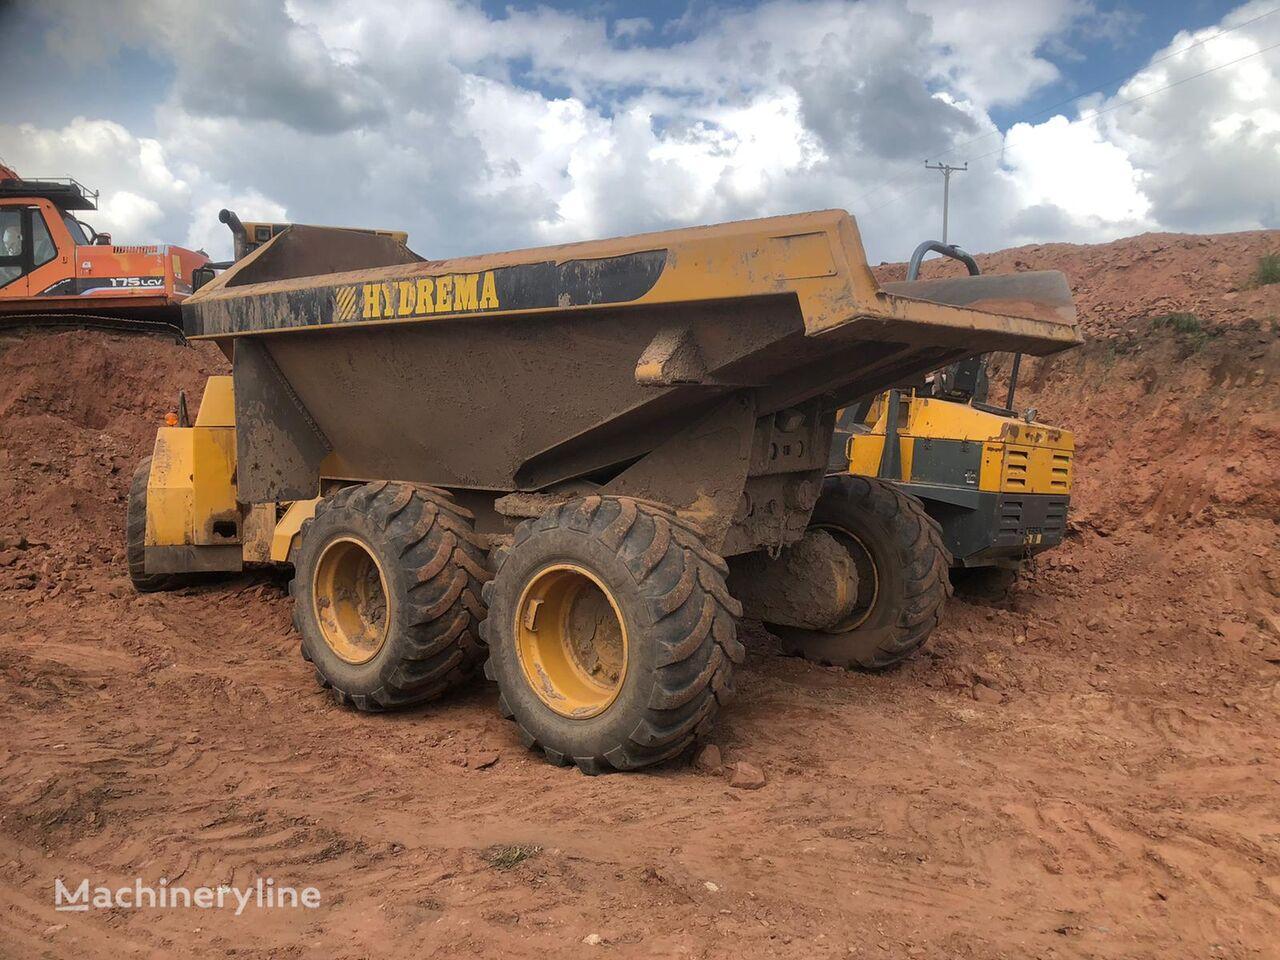 HYDREMA 922C articulated dump truck